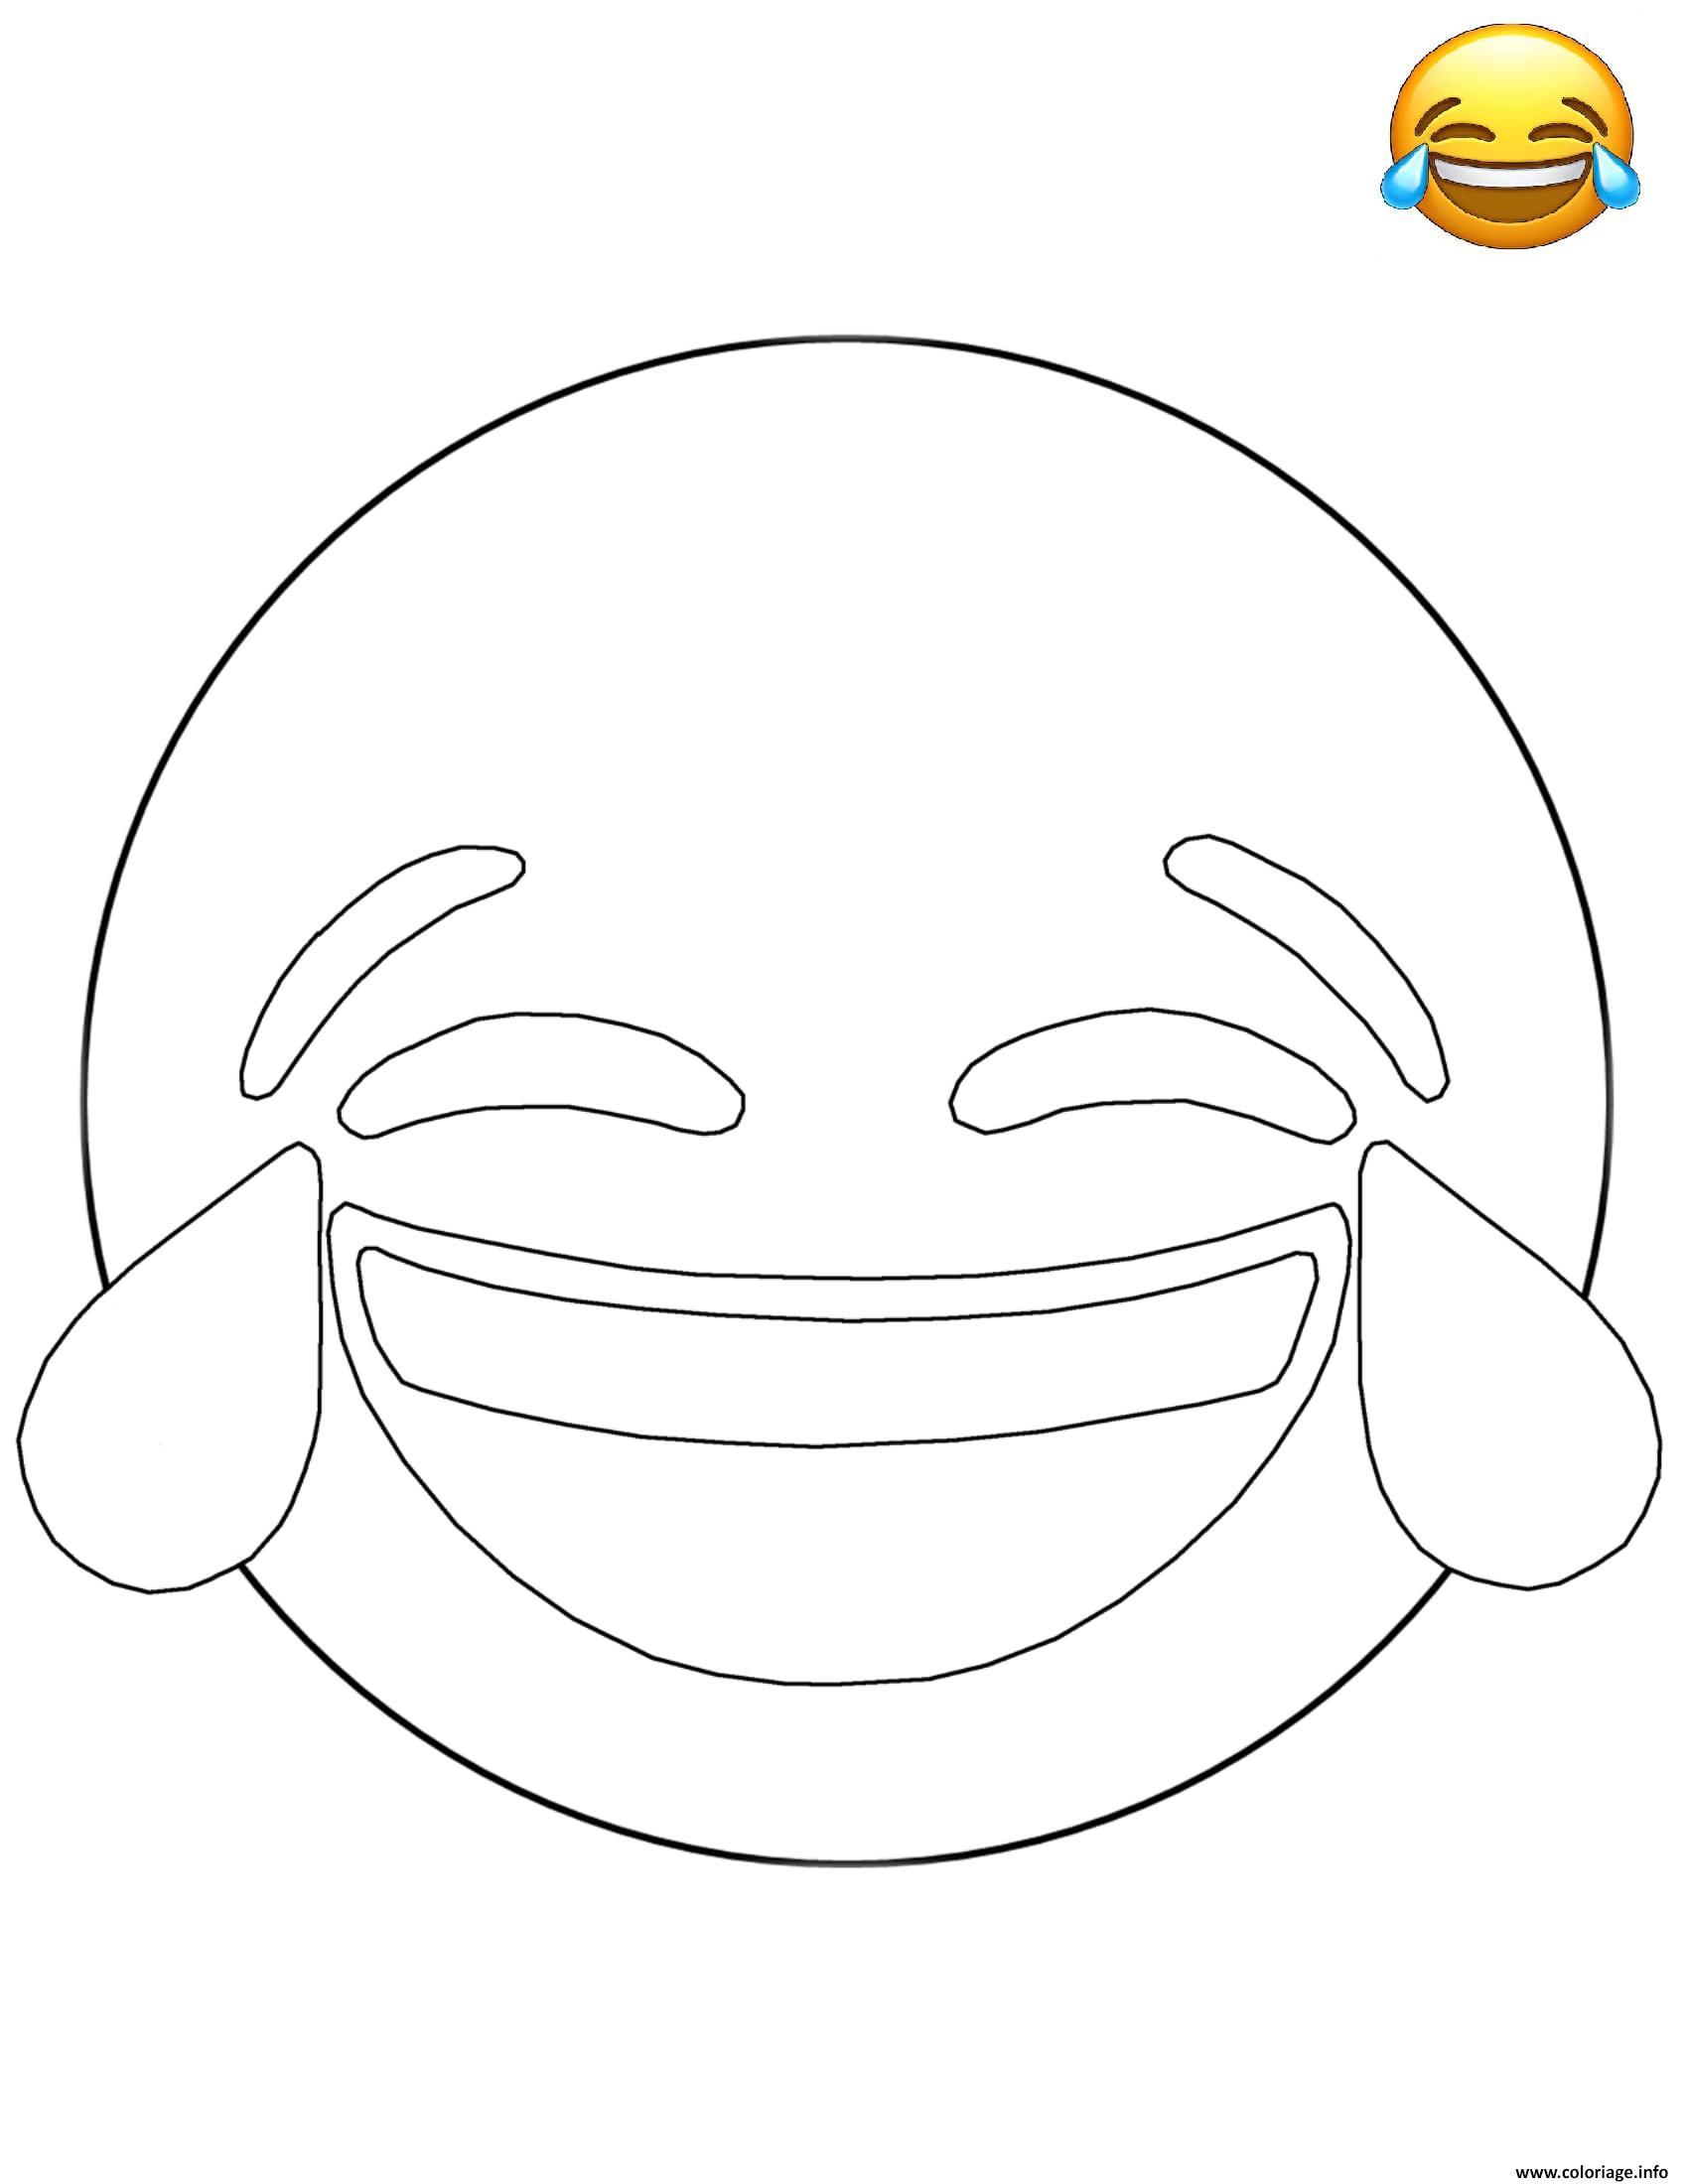 Coloriage emoji tears of joy smiley dessin - Smiley coloriage ...